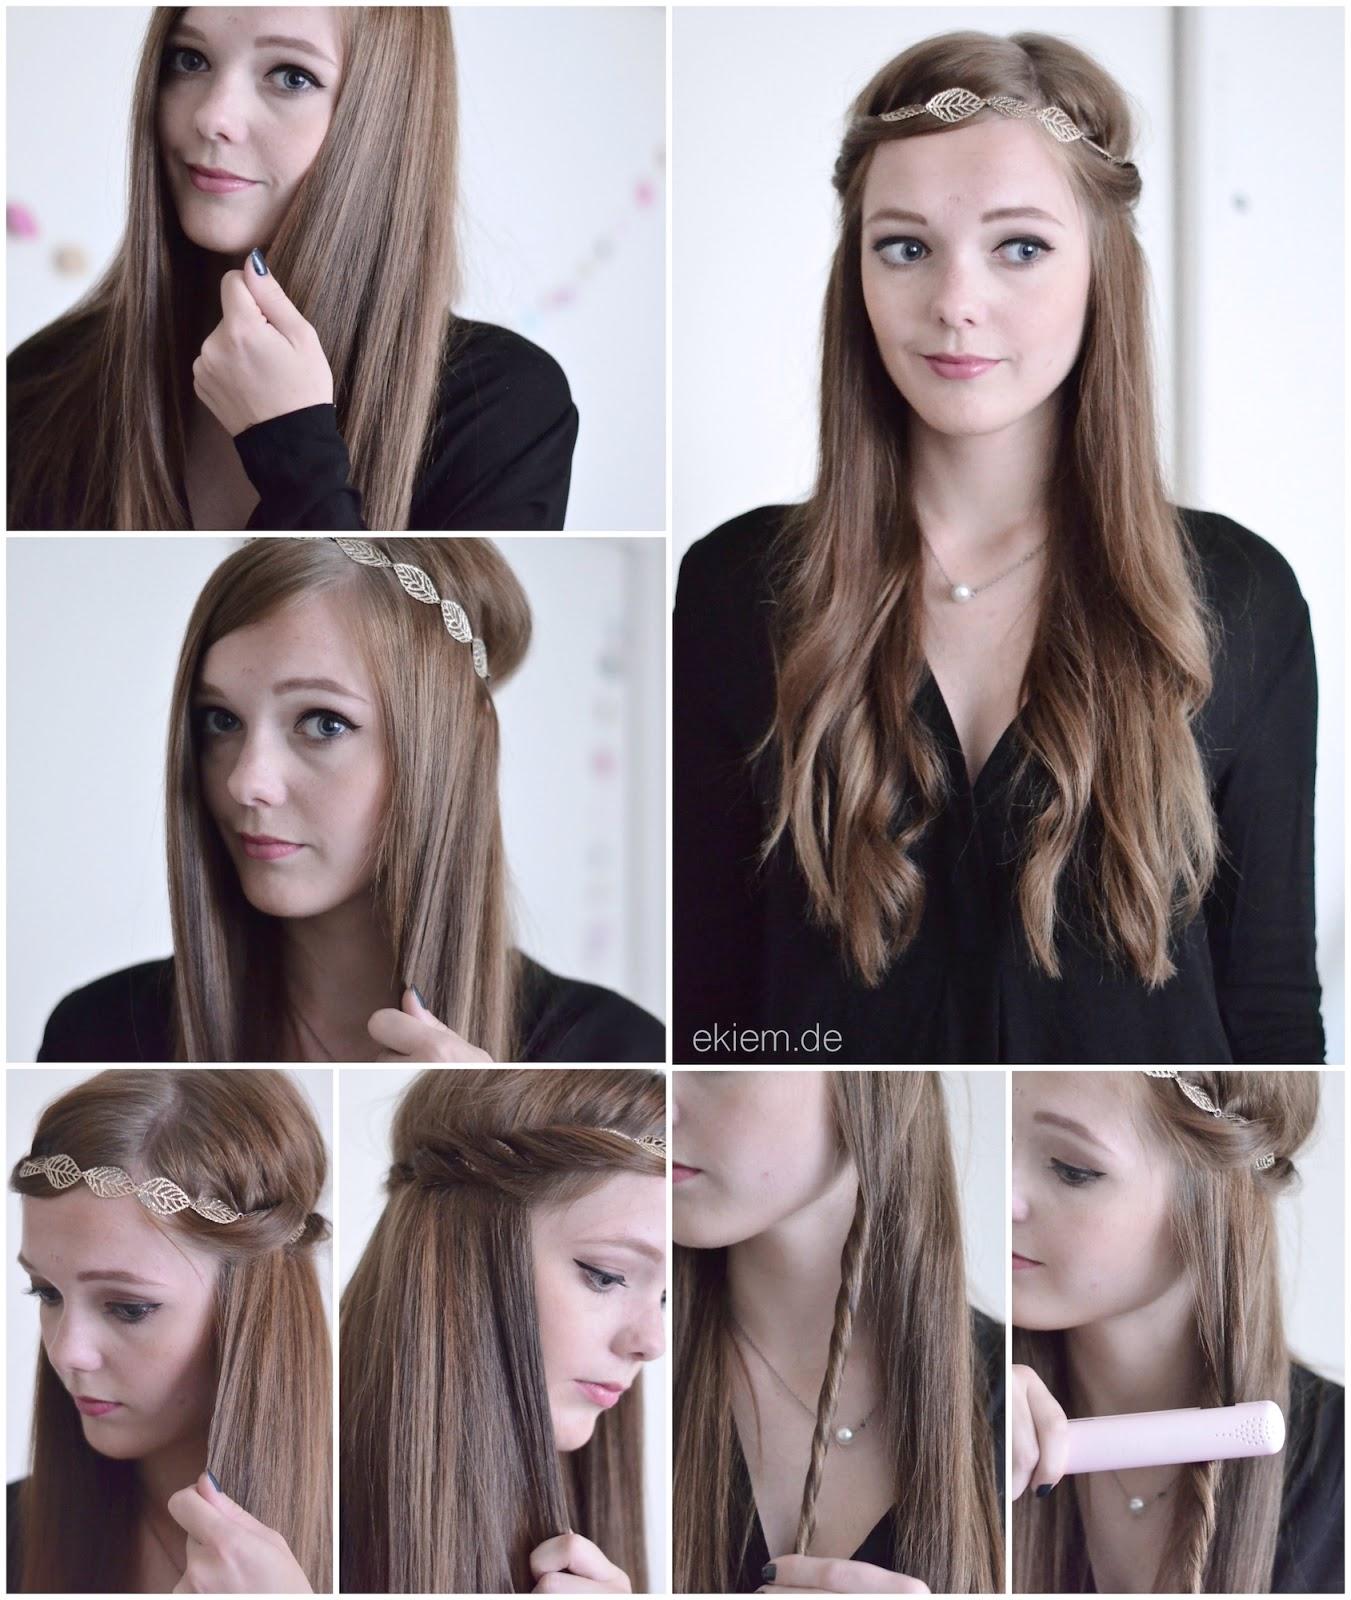 ekiem] [Beauty] Meine 5 Minuten Frisur